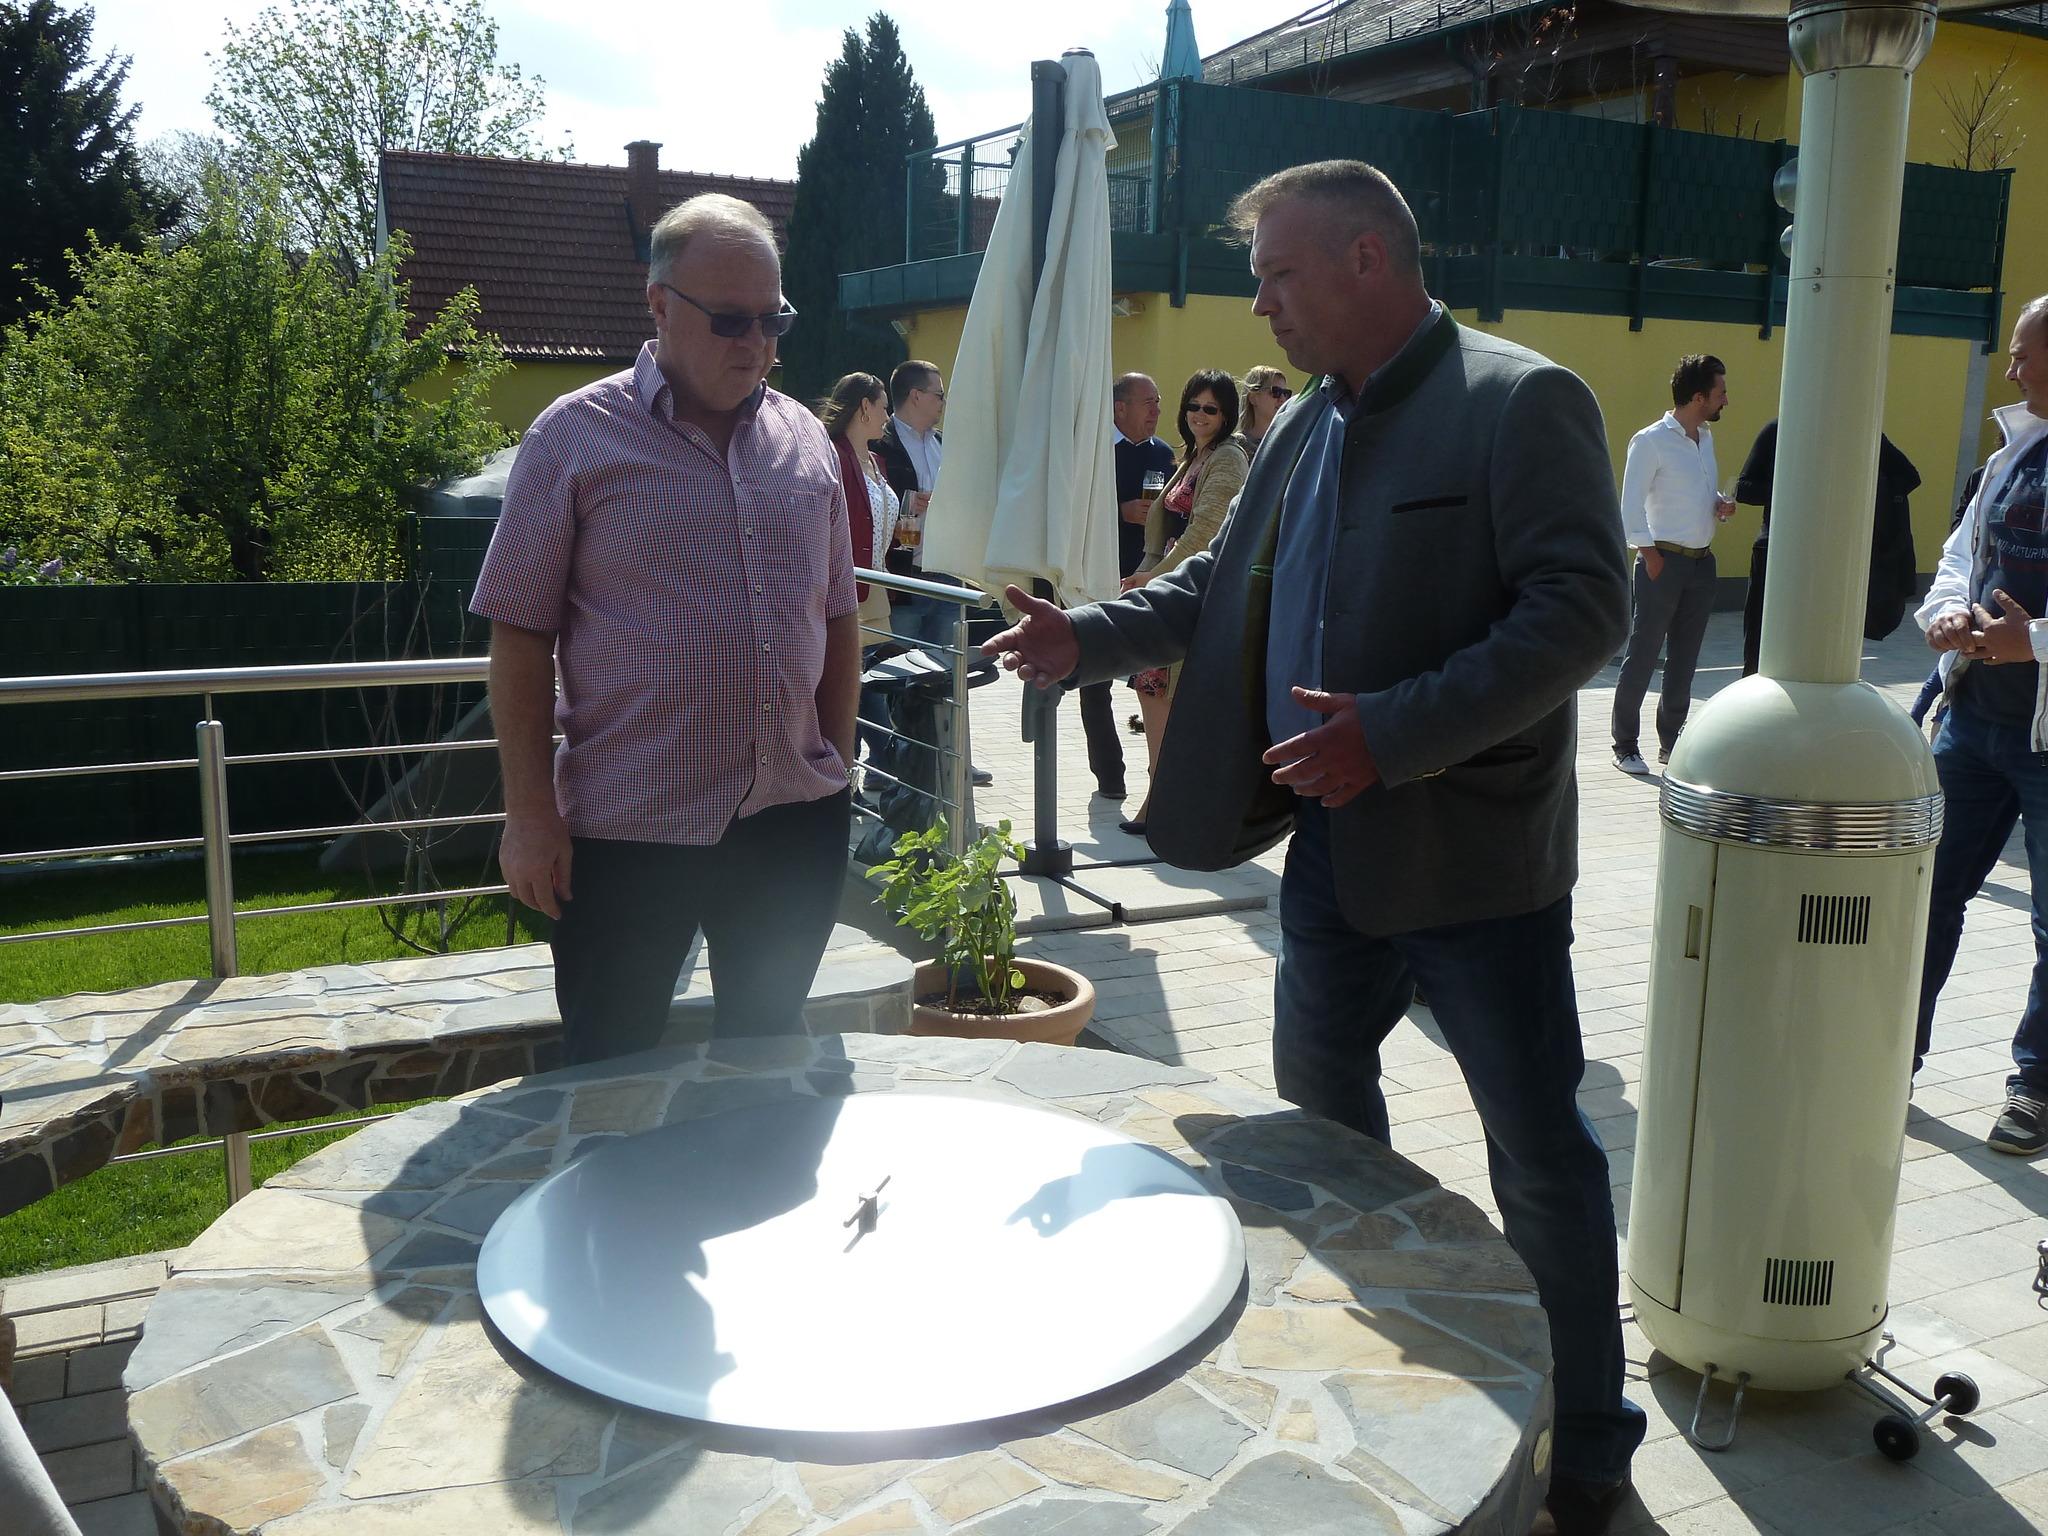 Outdoor Küchen Von Auersperg : Feuer flamme in draßburger outdoor küche mattersburg